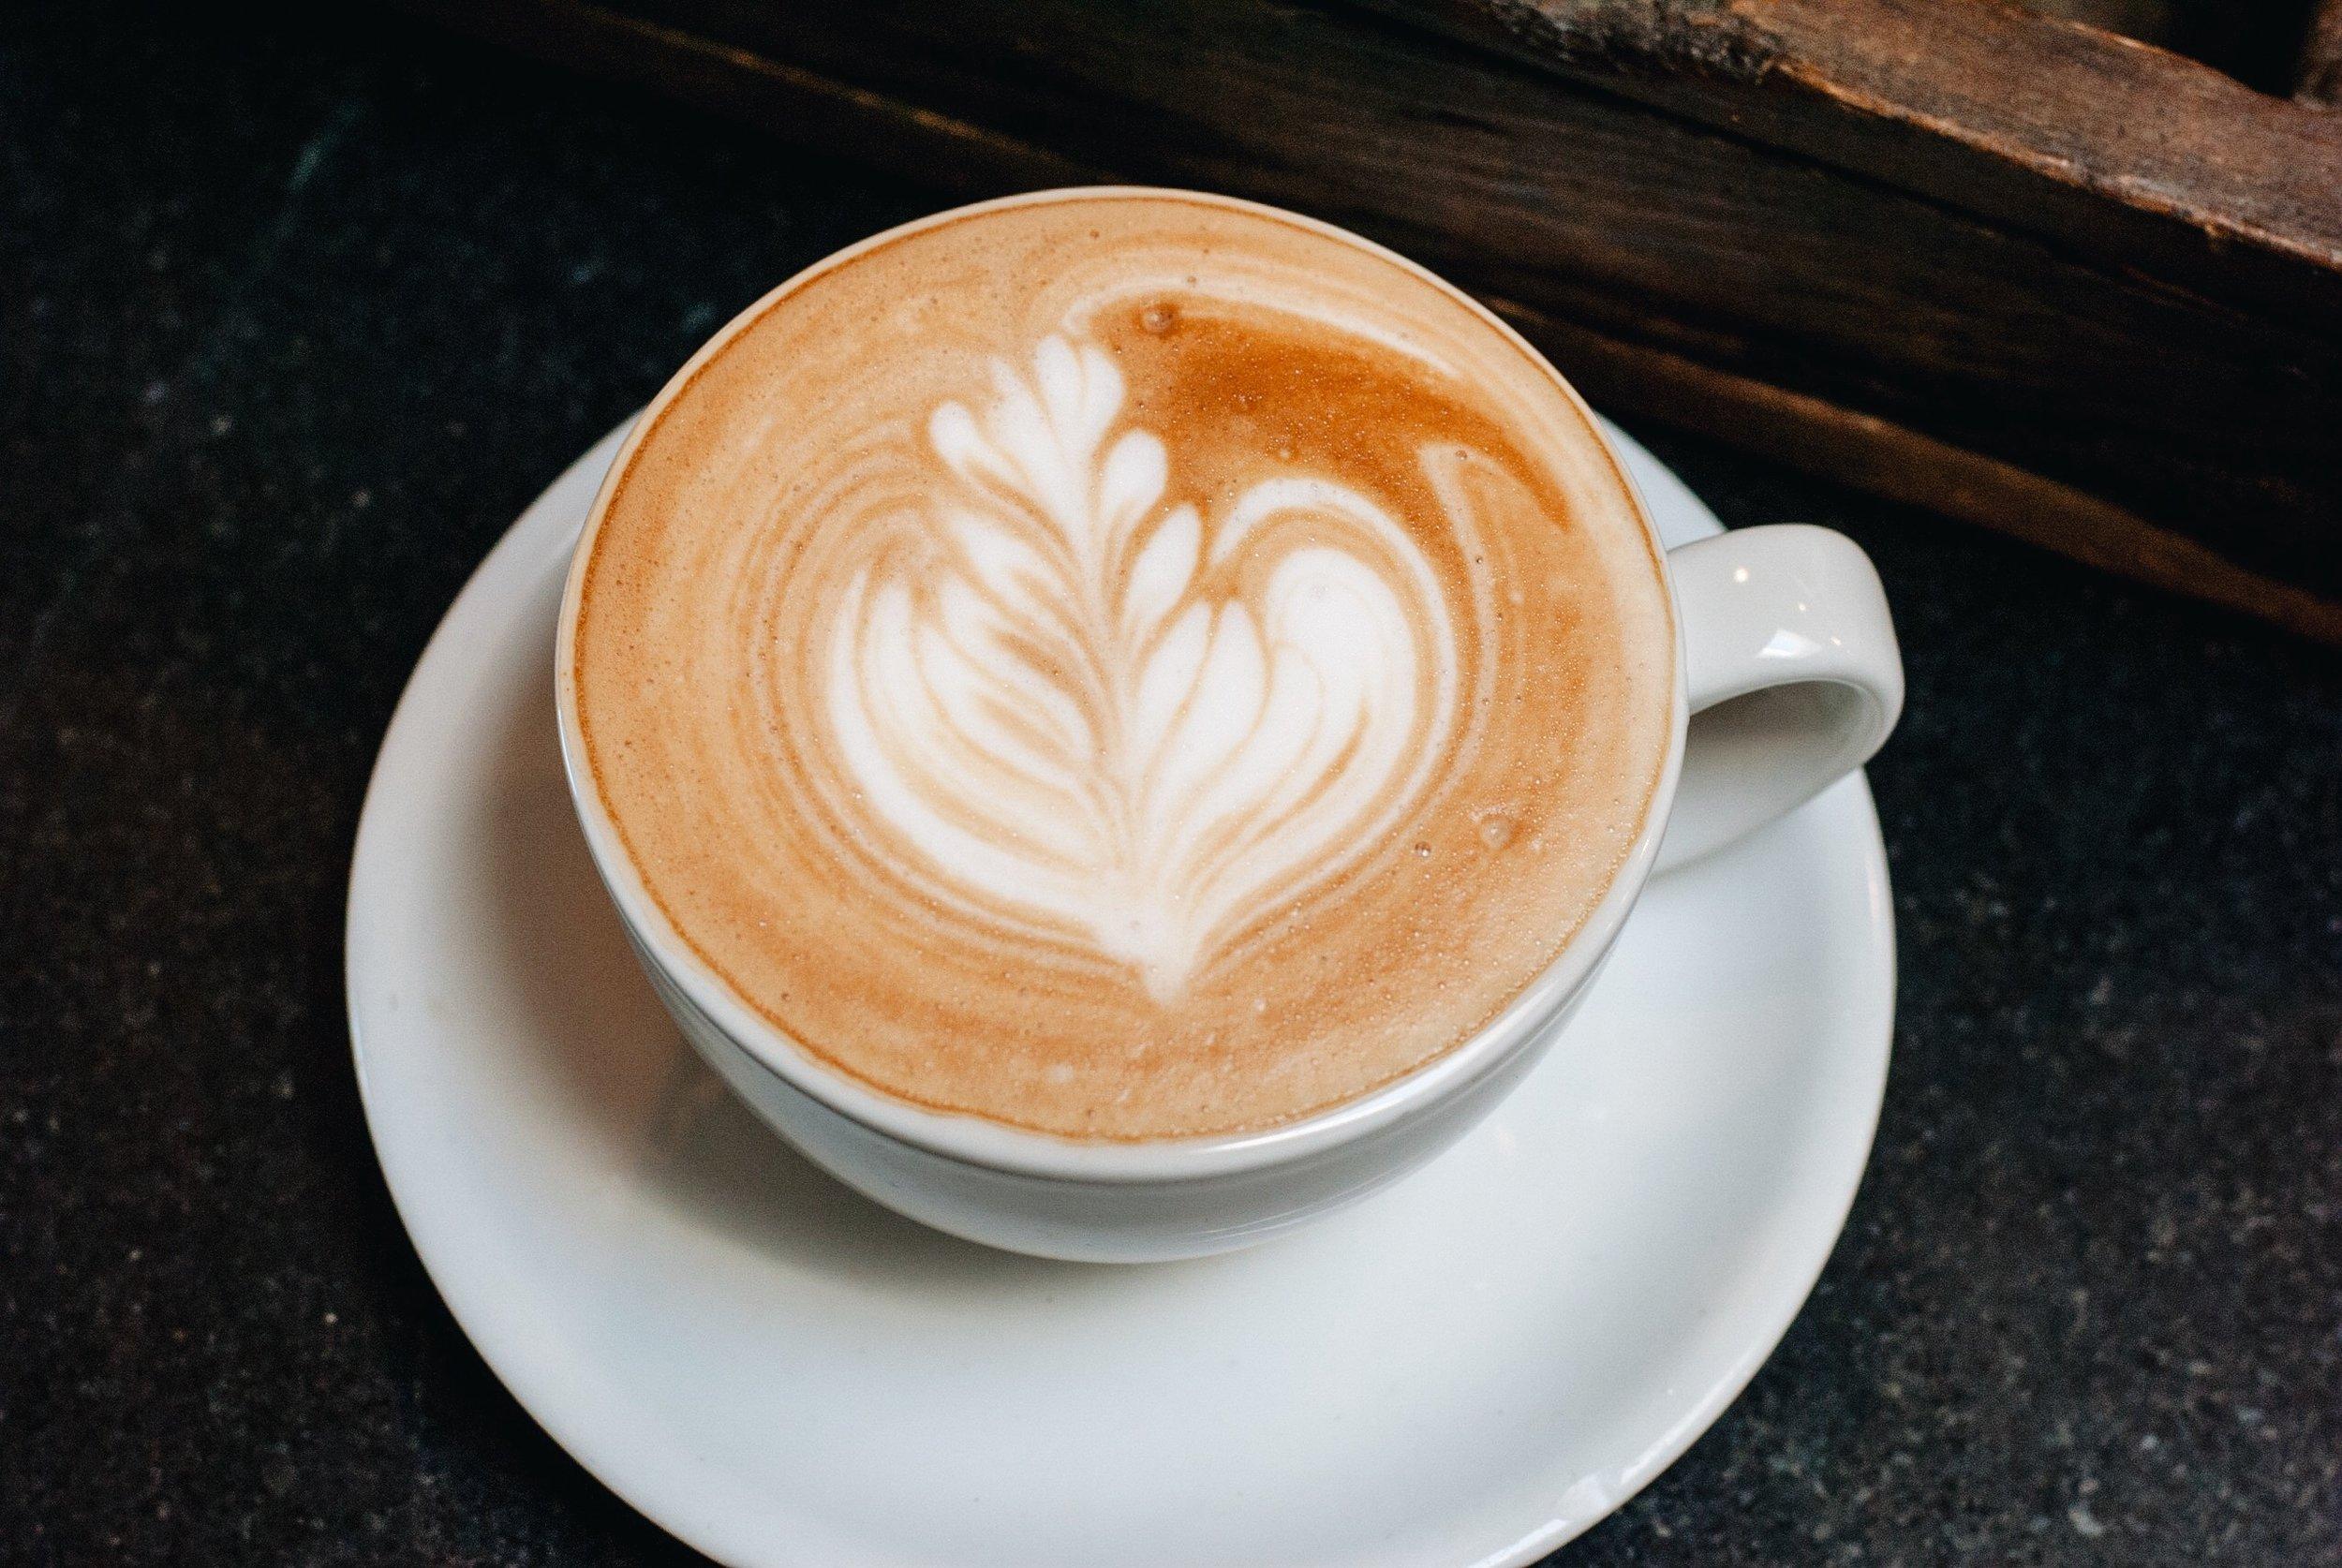 Caffe Luxxe Latte 3